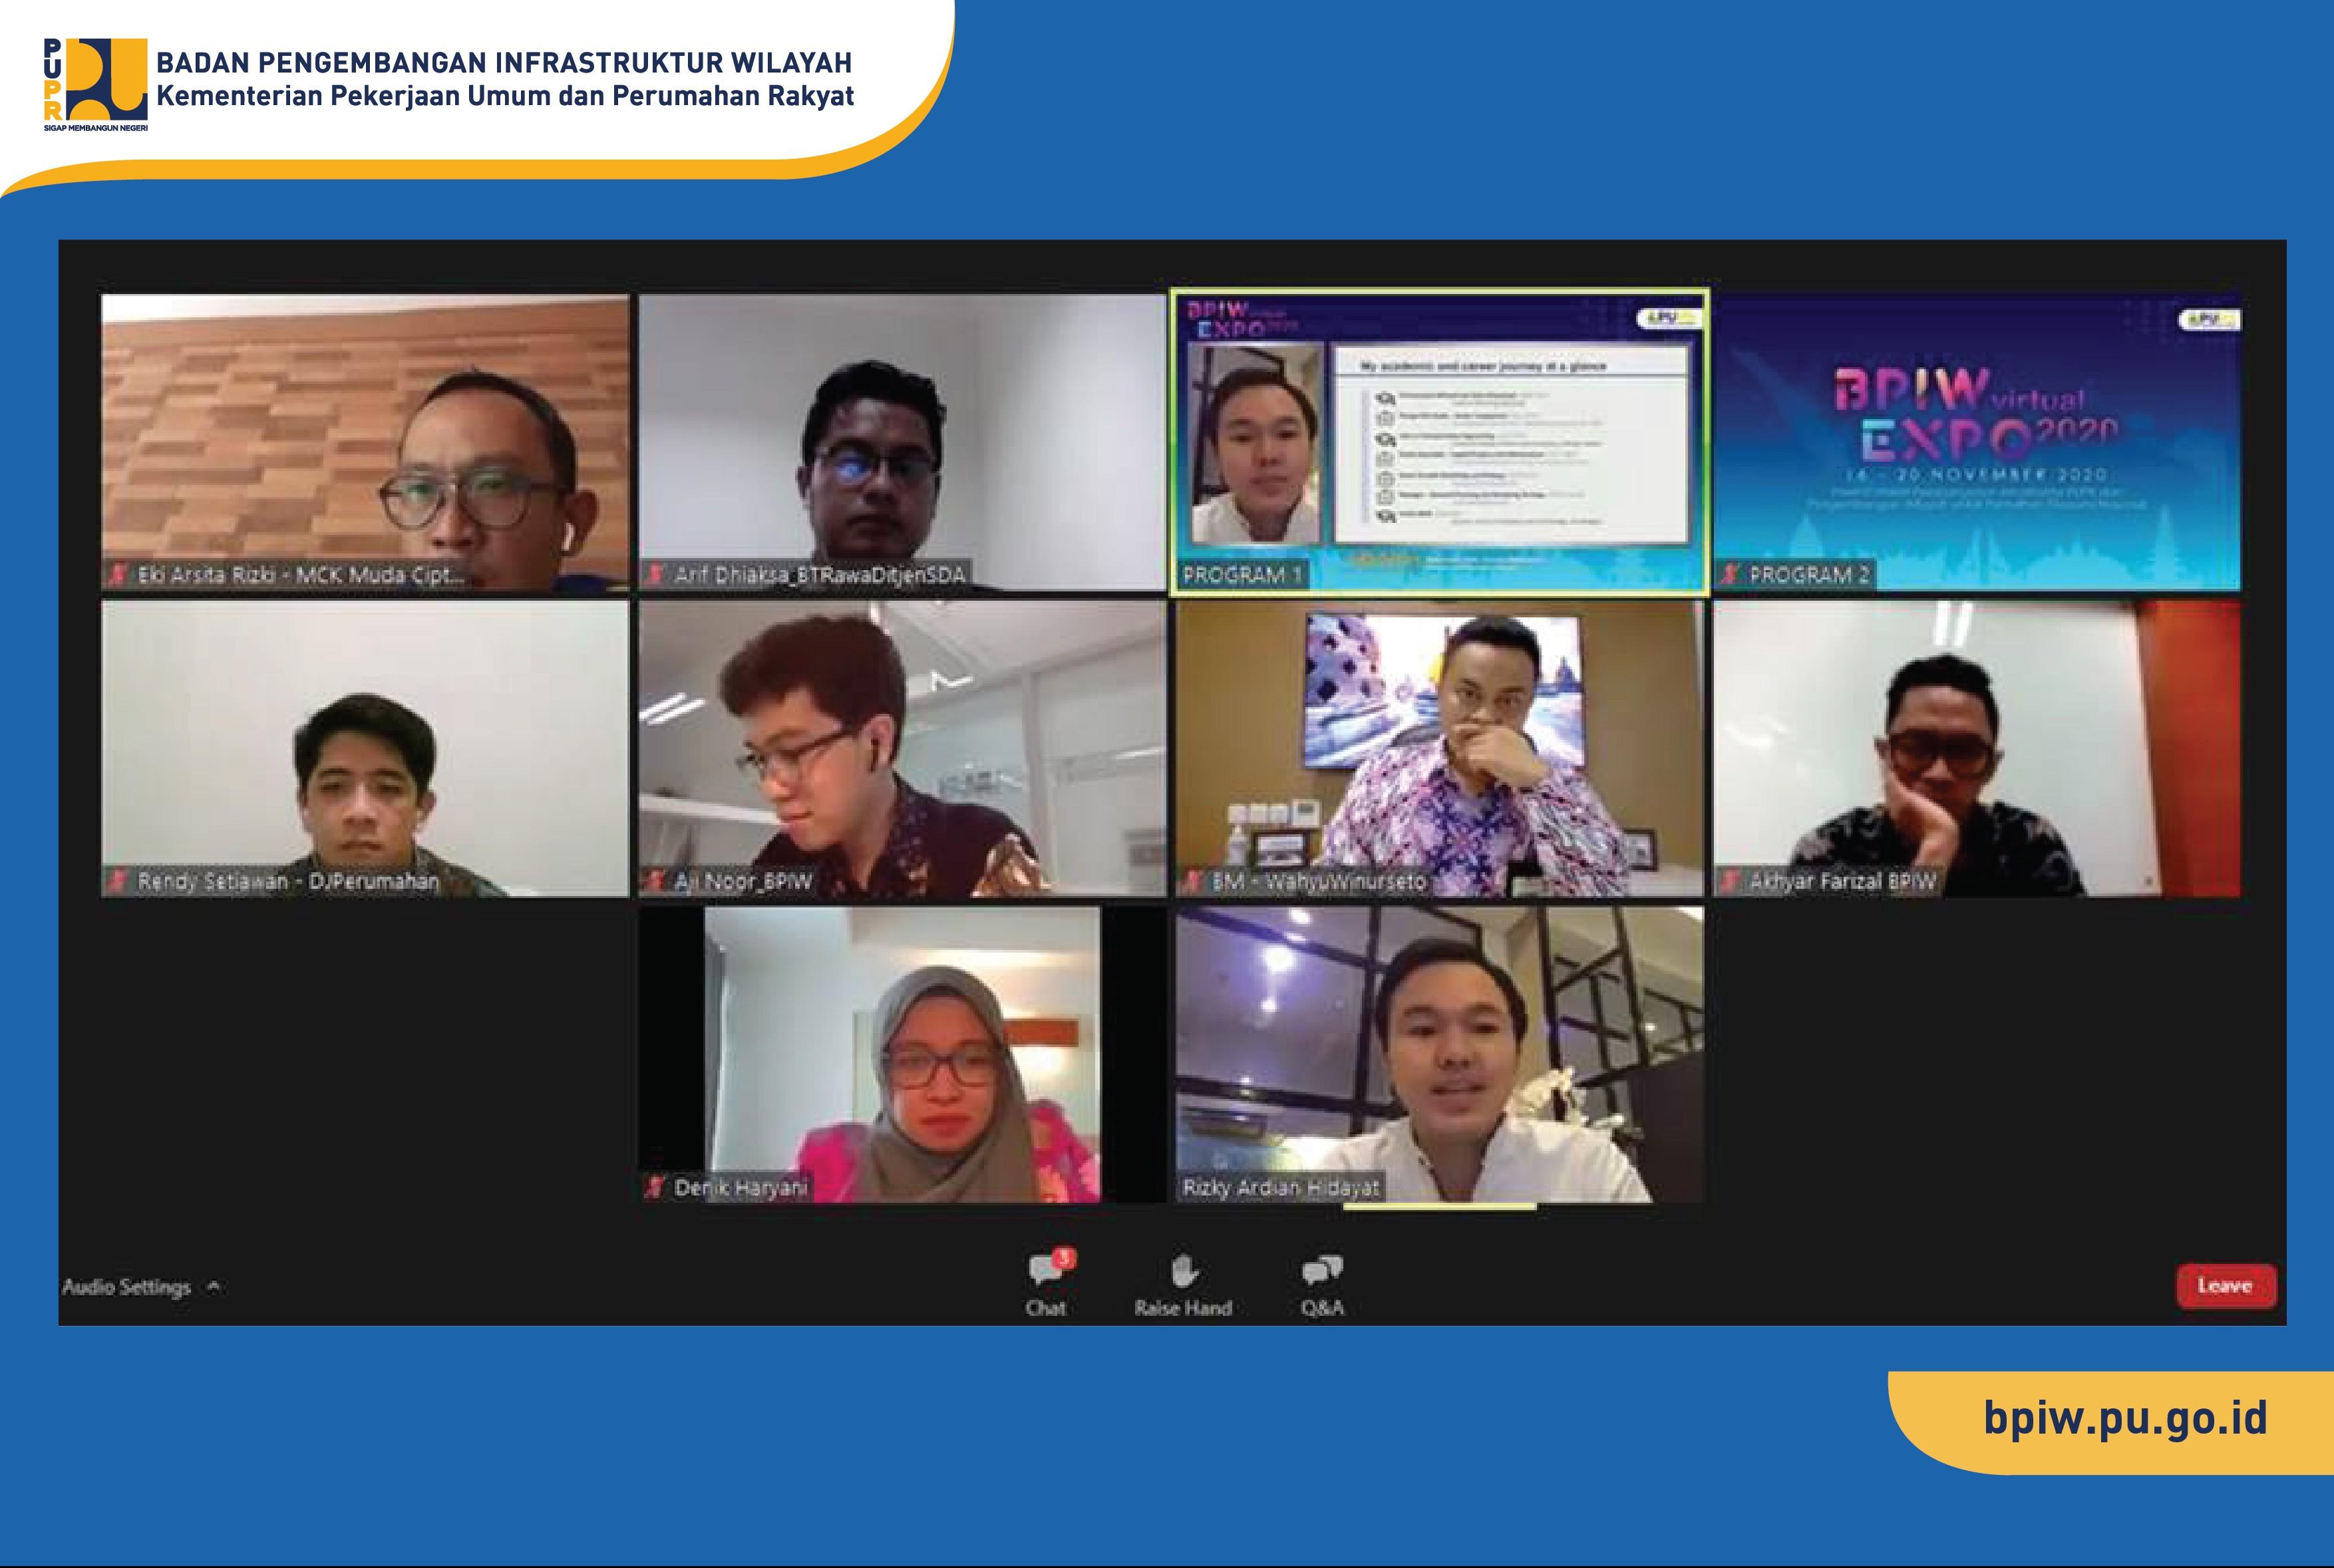 Talk Series ke-3 BPIW Virtual Expo Tampilkan Peran Nyata Generasi Muda